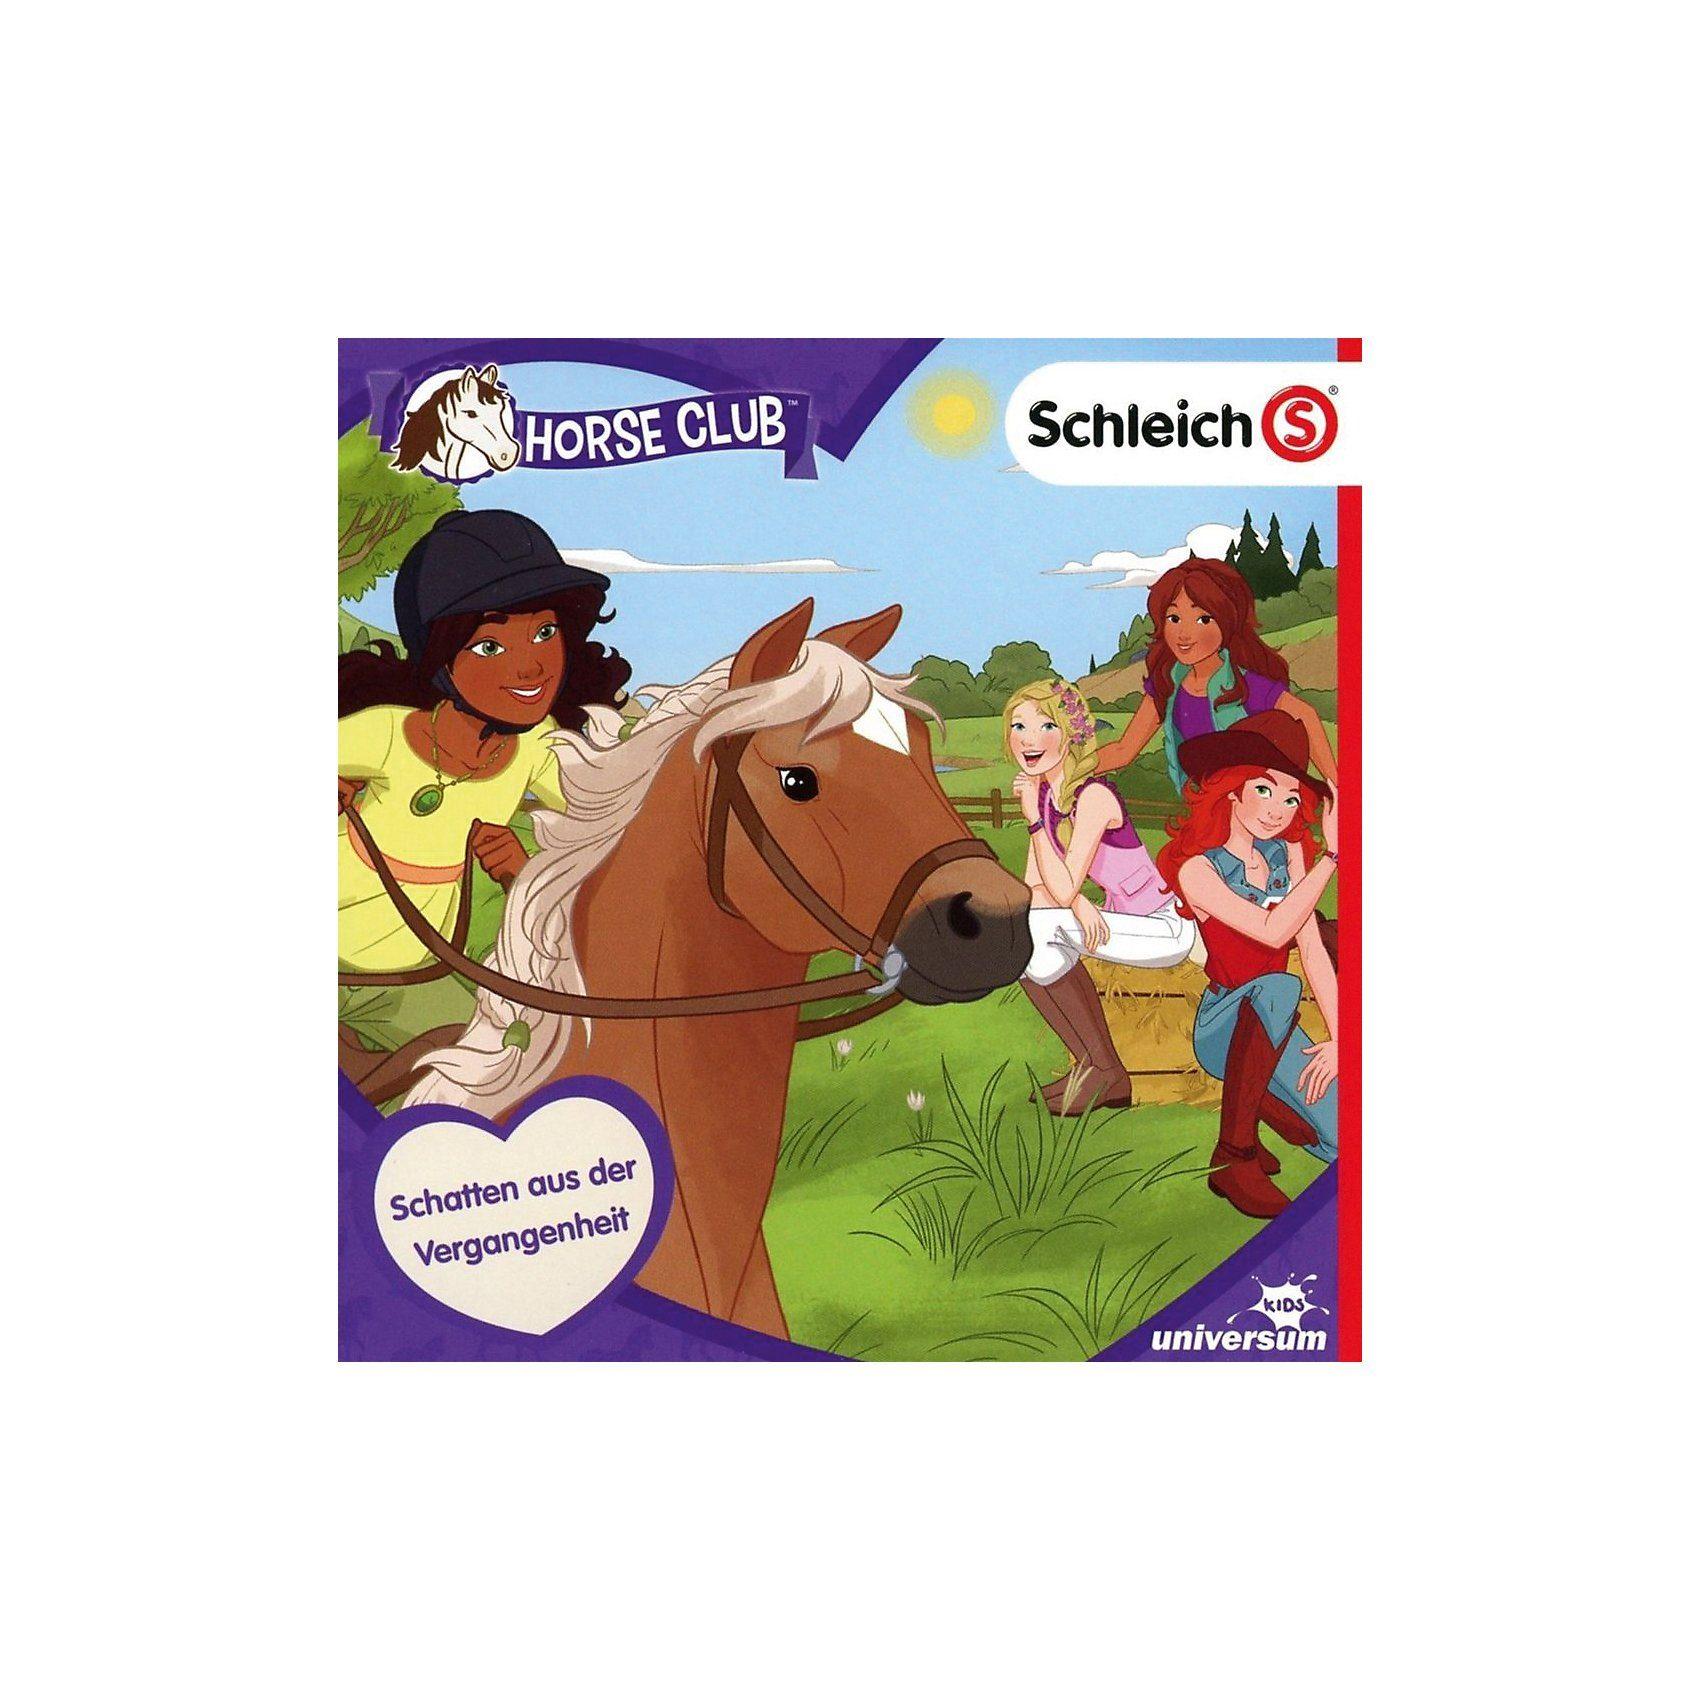 Universum CD Schleich Horse Club 2 - Schatten aus der Vergangenheit